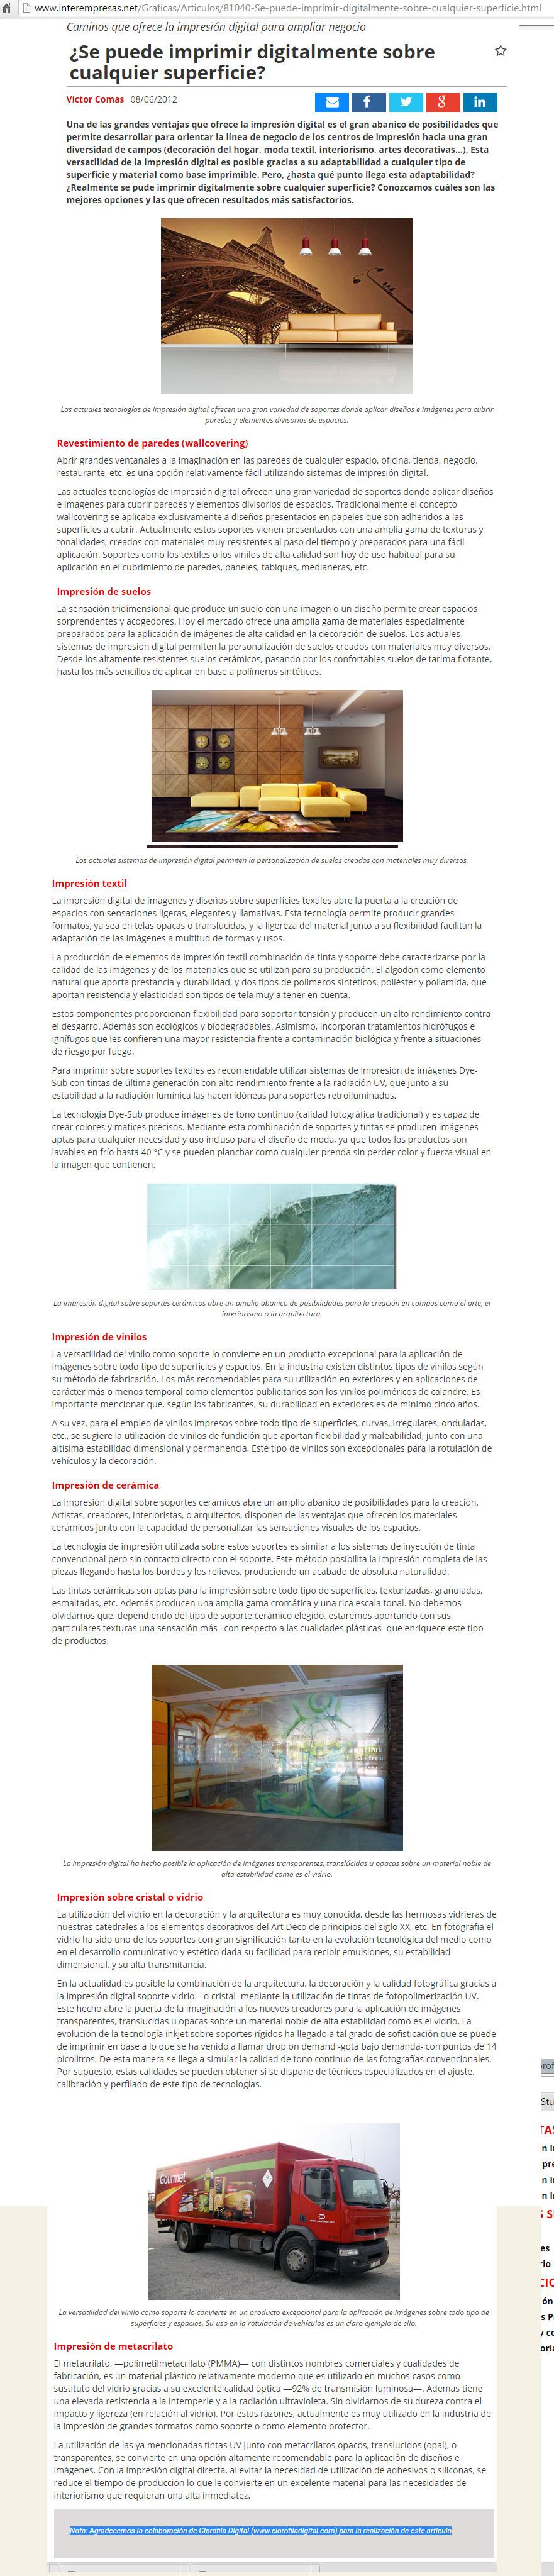 http://www.interempresas.net/Graficas/Articulos/81040-Se-puede-imprimir-digitalmente-sobre-cualquier-superficie.html